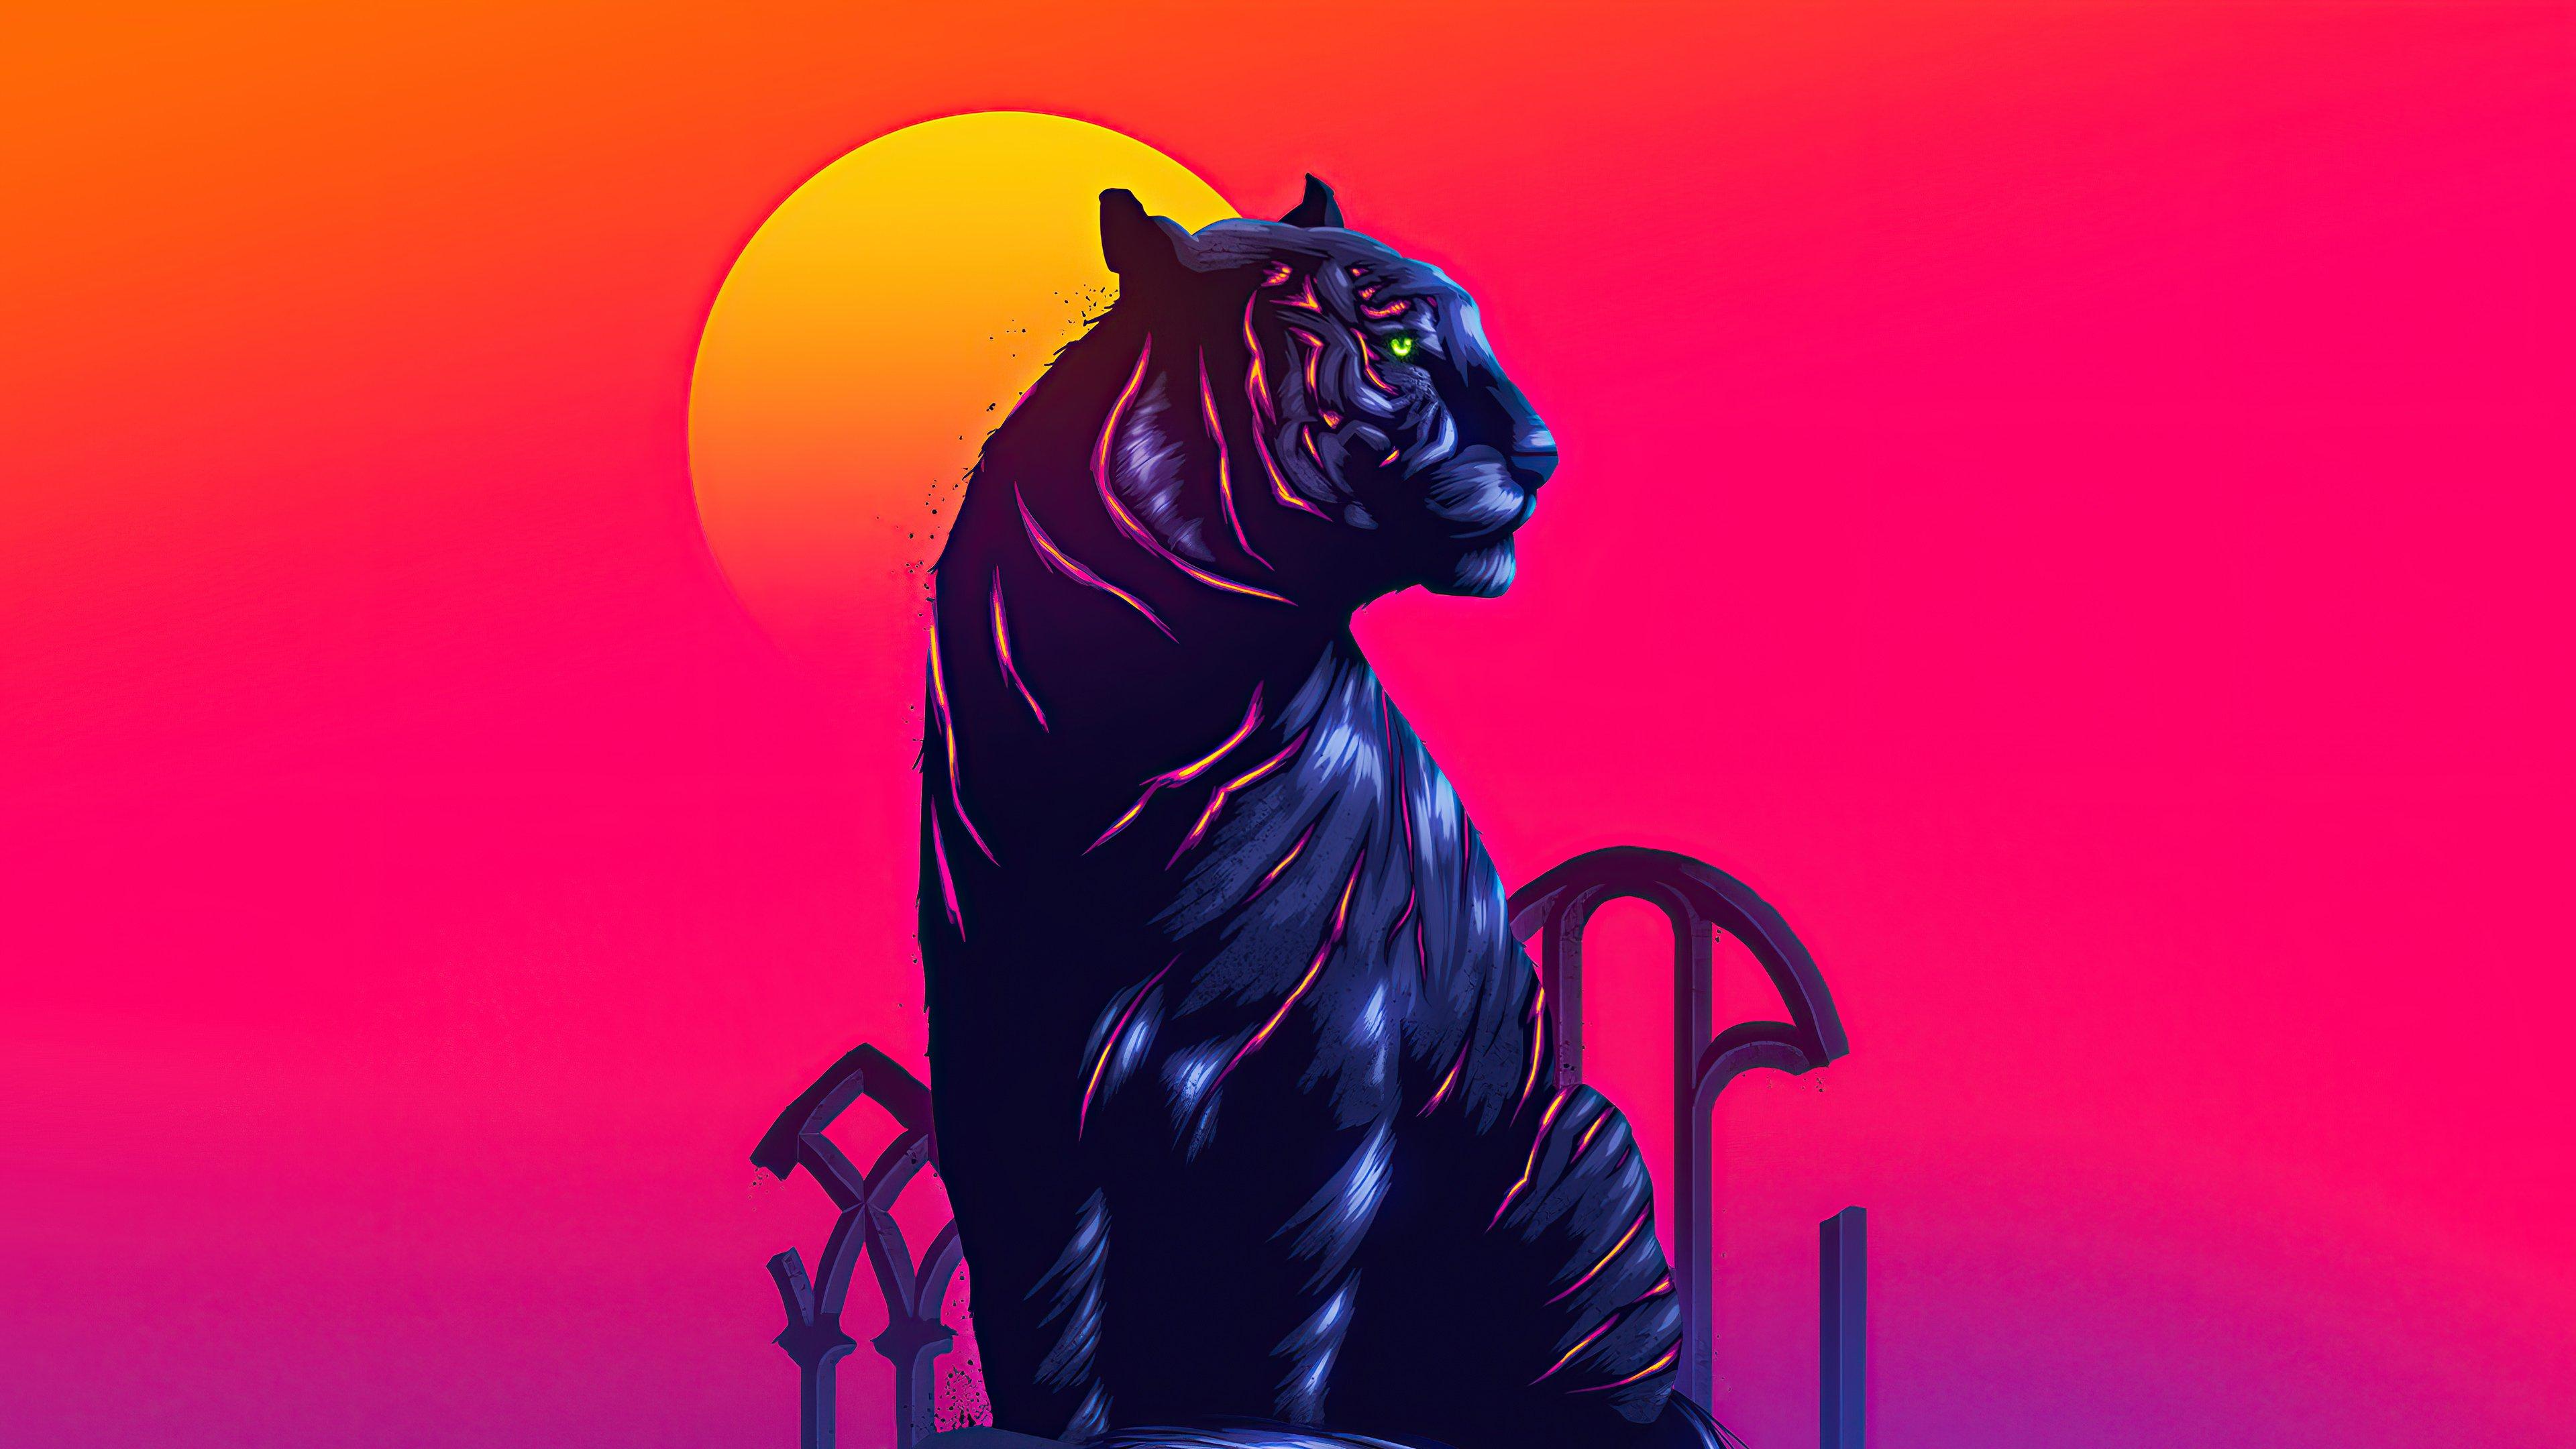 Fondos de pantalla Tigre de neón